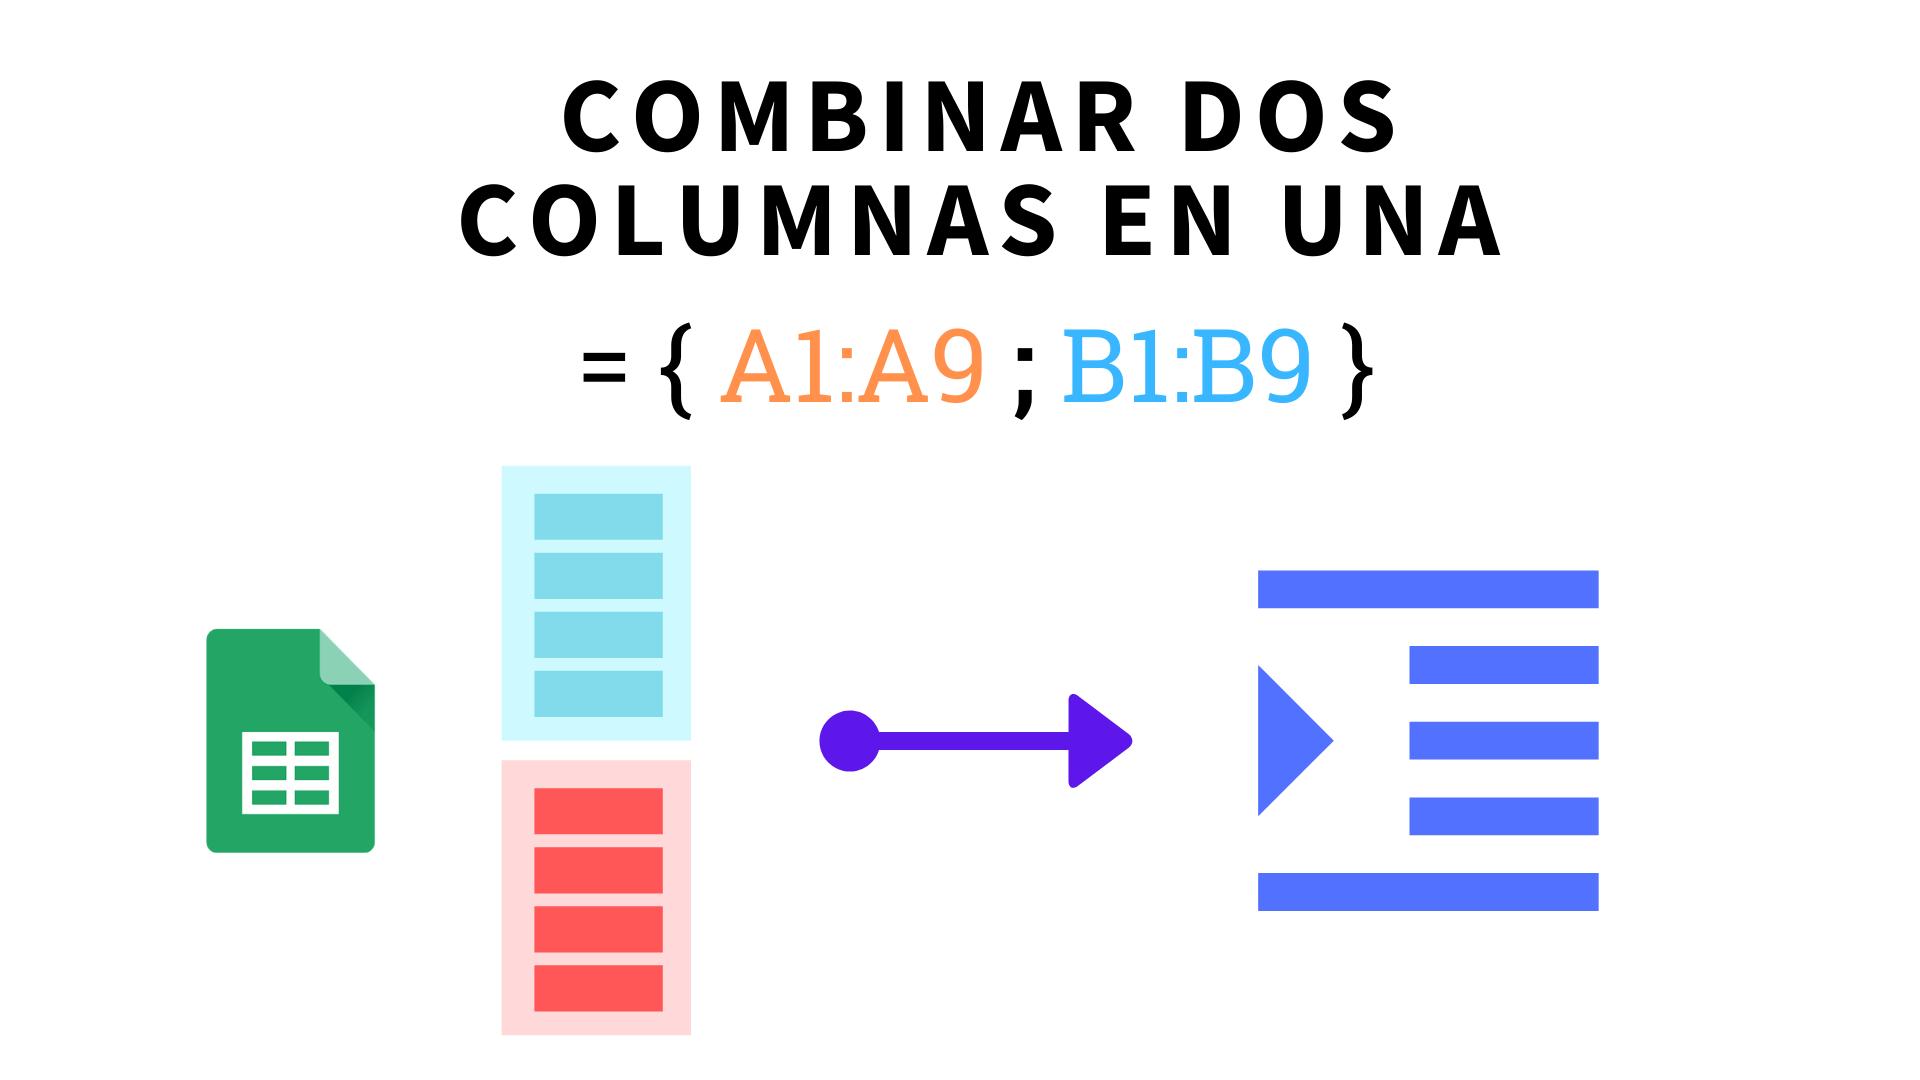 Cómo Convertir Dos Columnas En Una Sola En Google Sheets Columnas Sistema De Juego Google